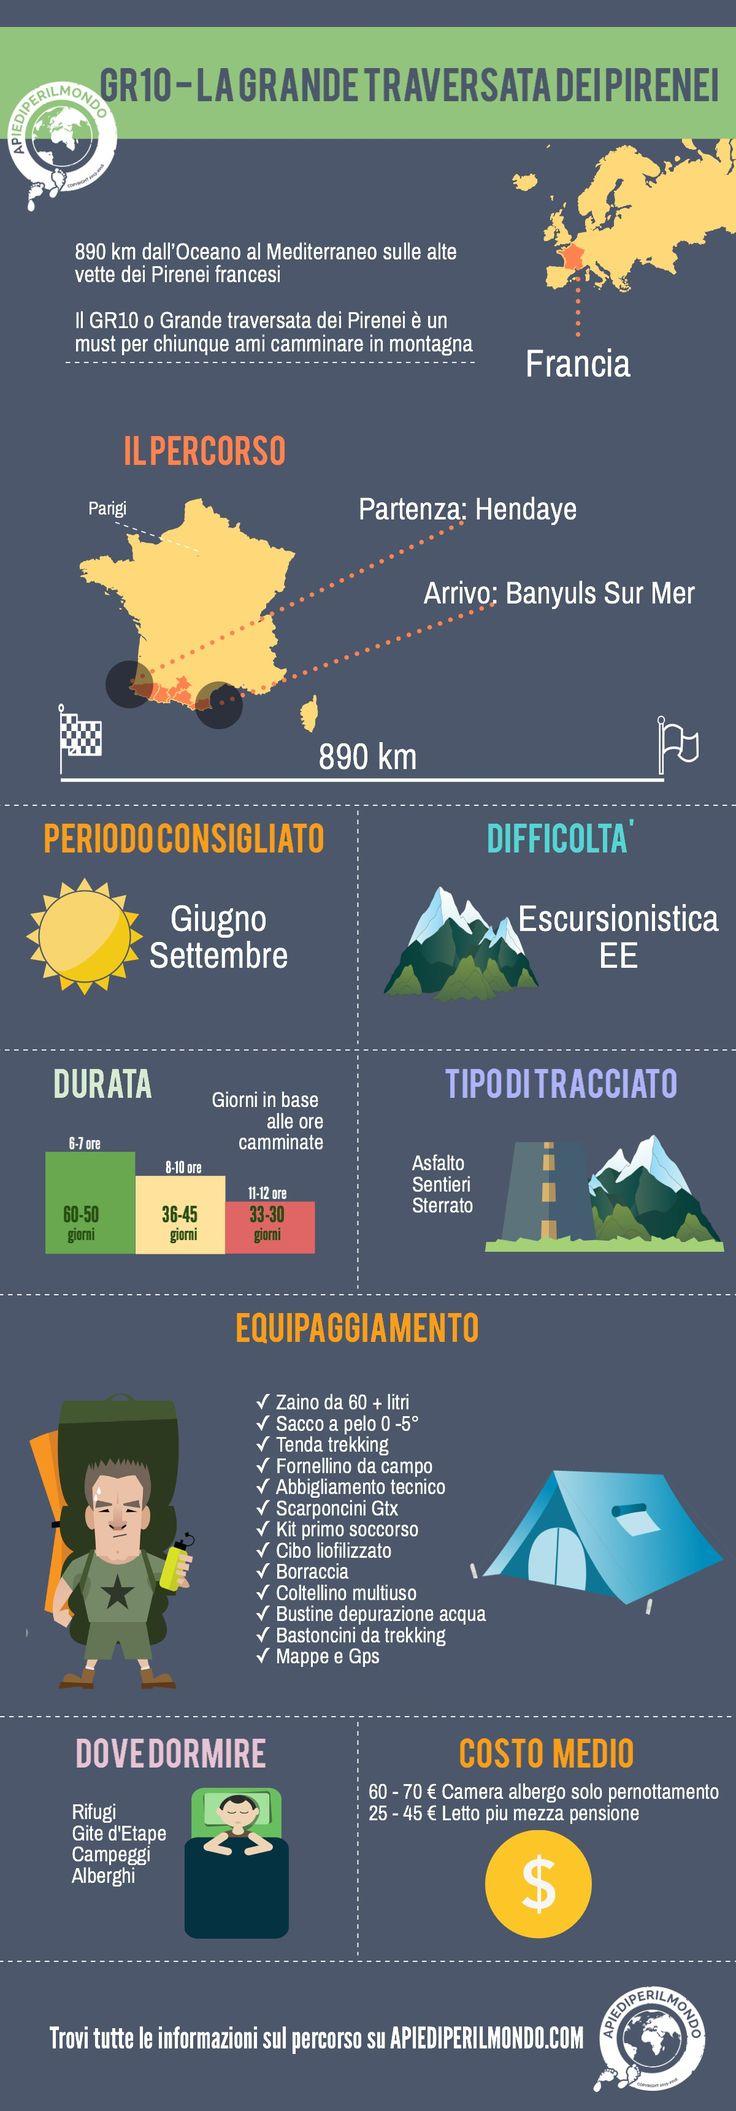 infografica-gr-10